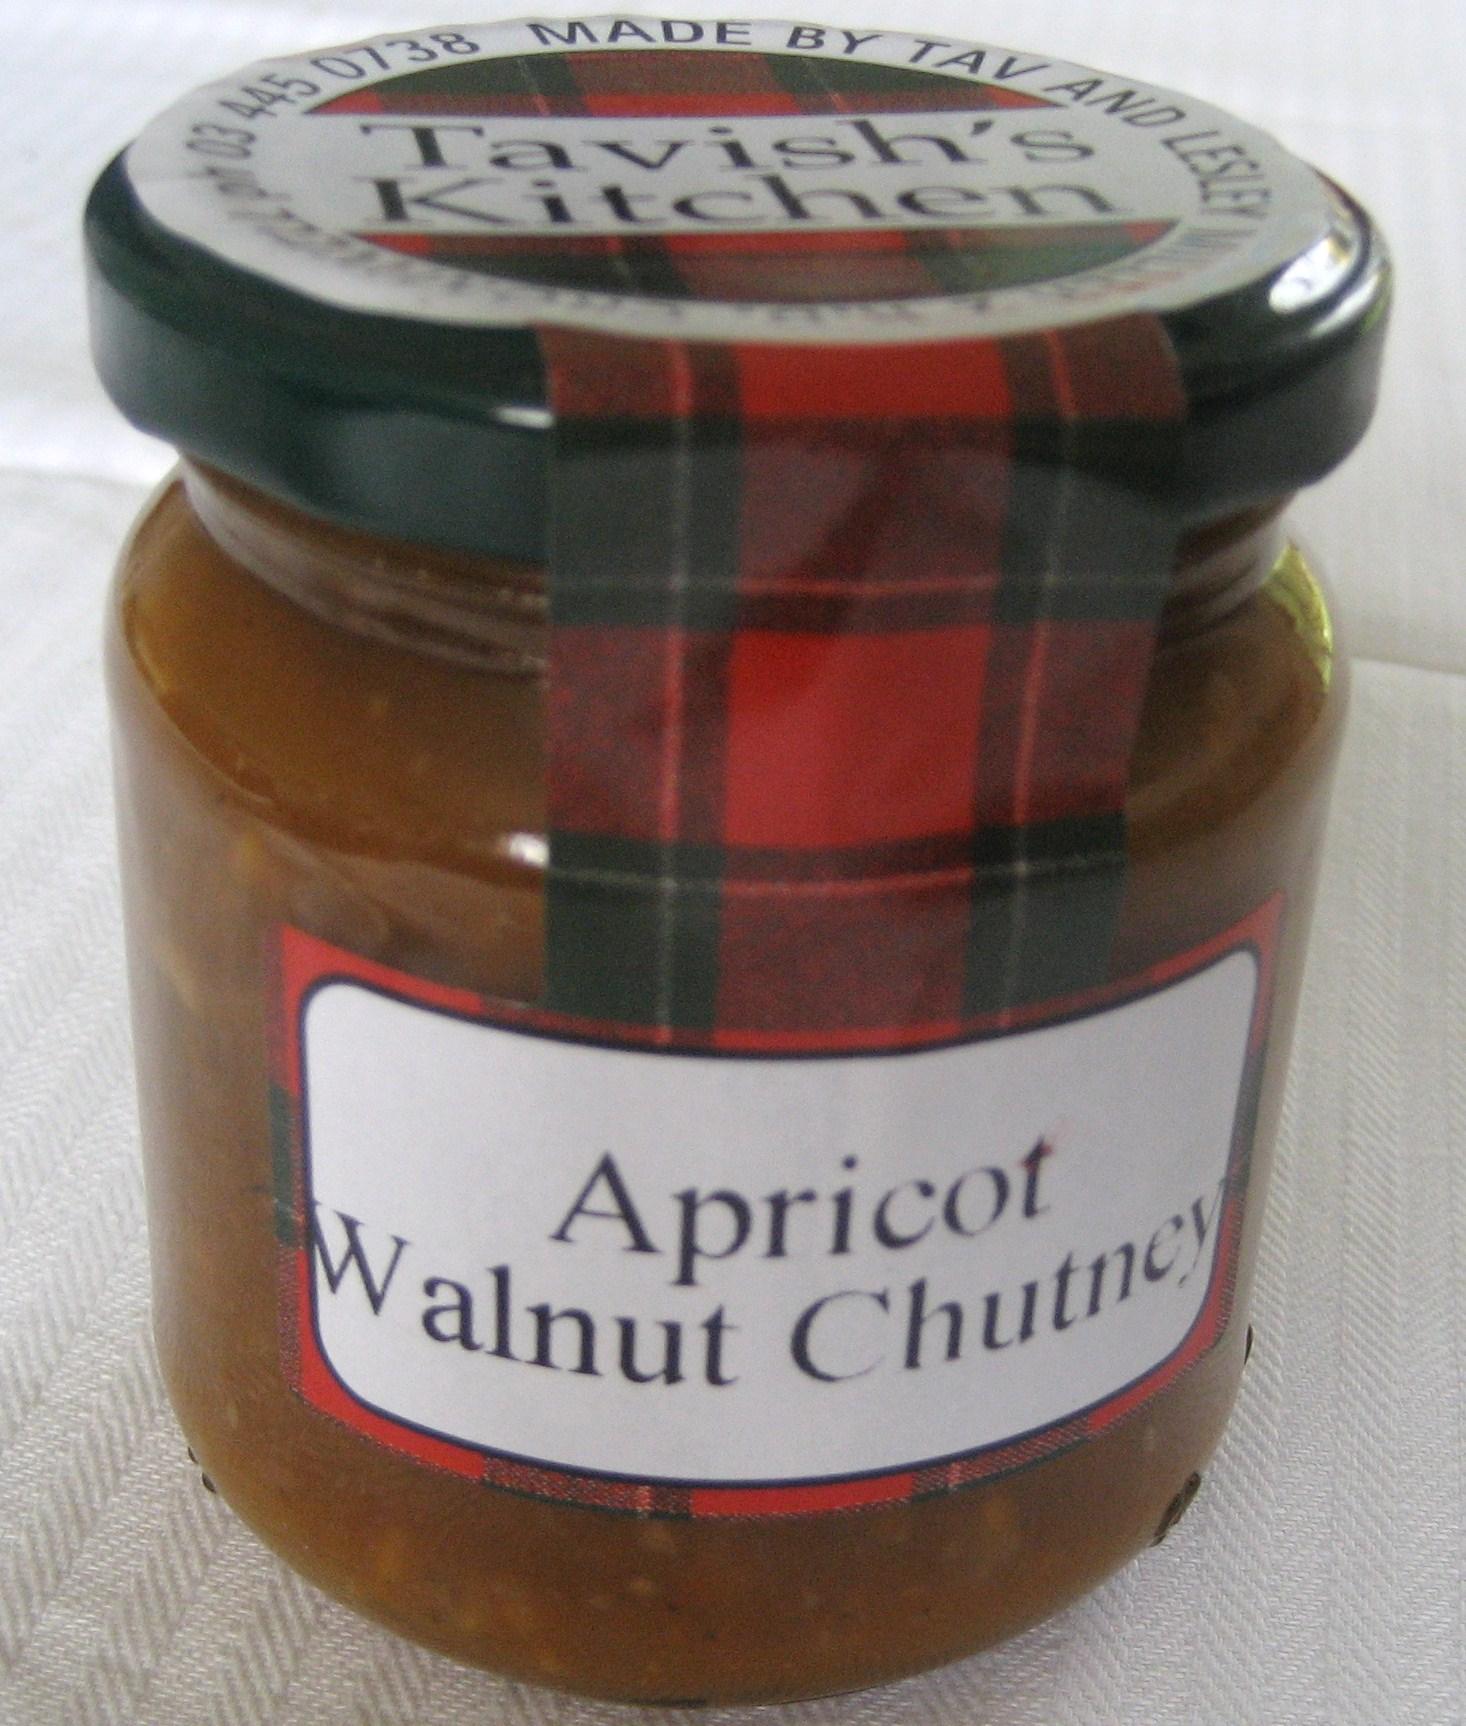 Apricot Walnut Chutney